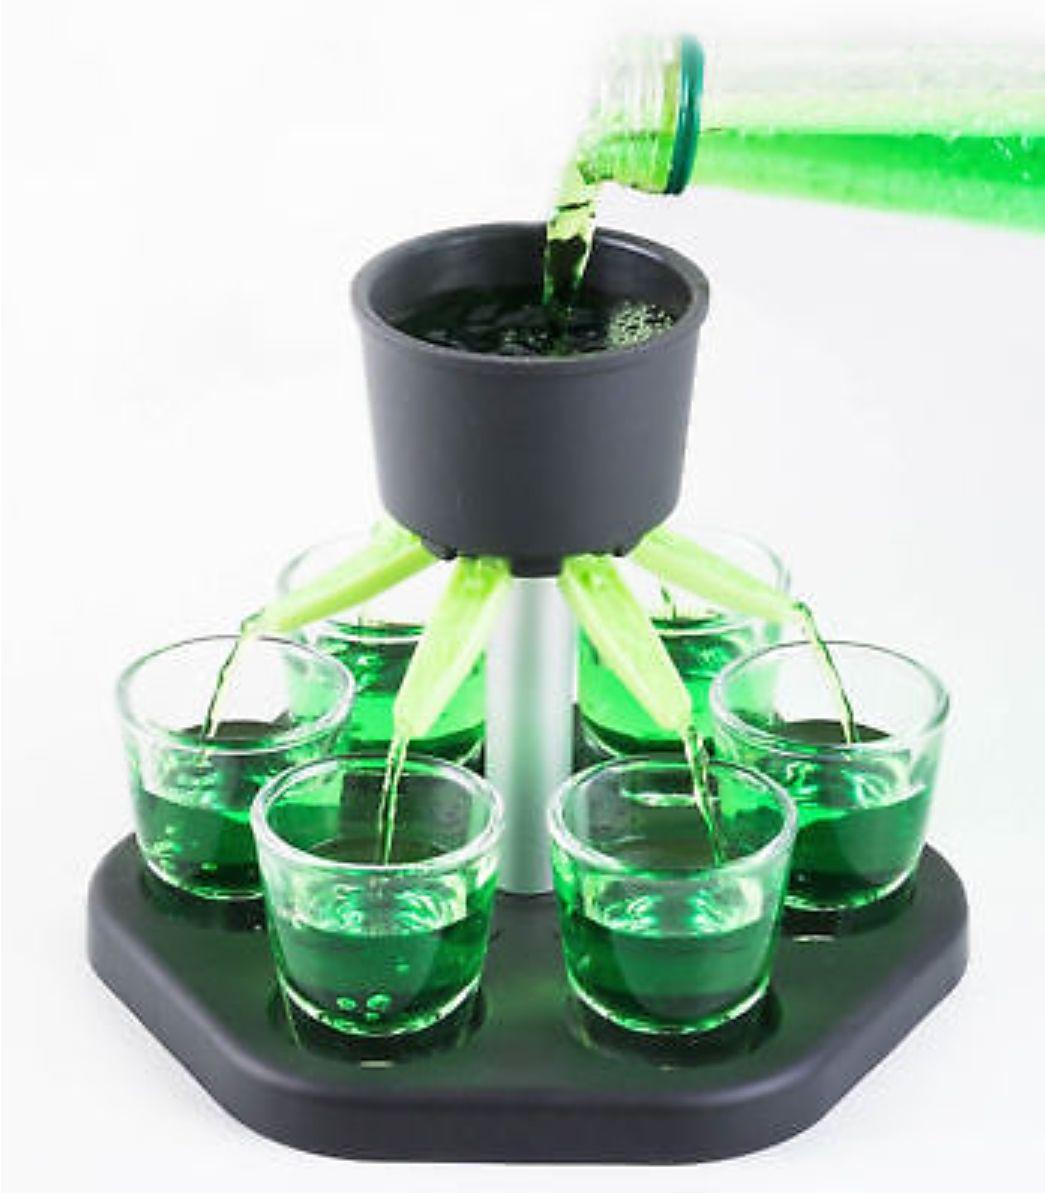 Schnapsquelle - Trinkspiel + 6 Gläser + Würfel (Perfekt für Silvester) [eBay]